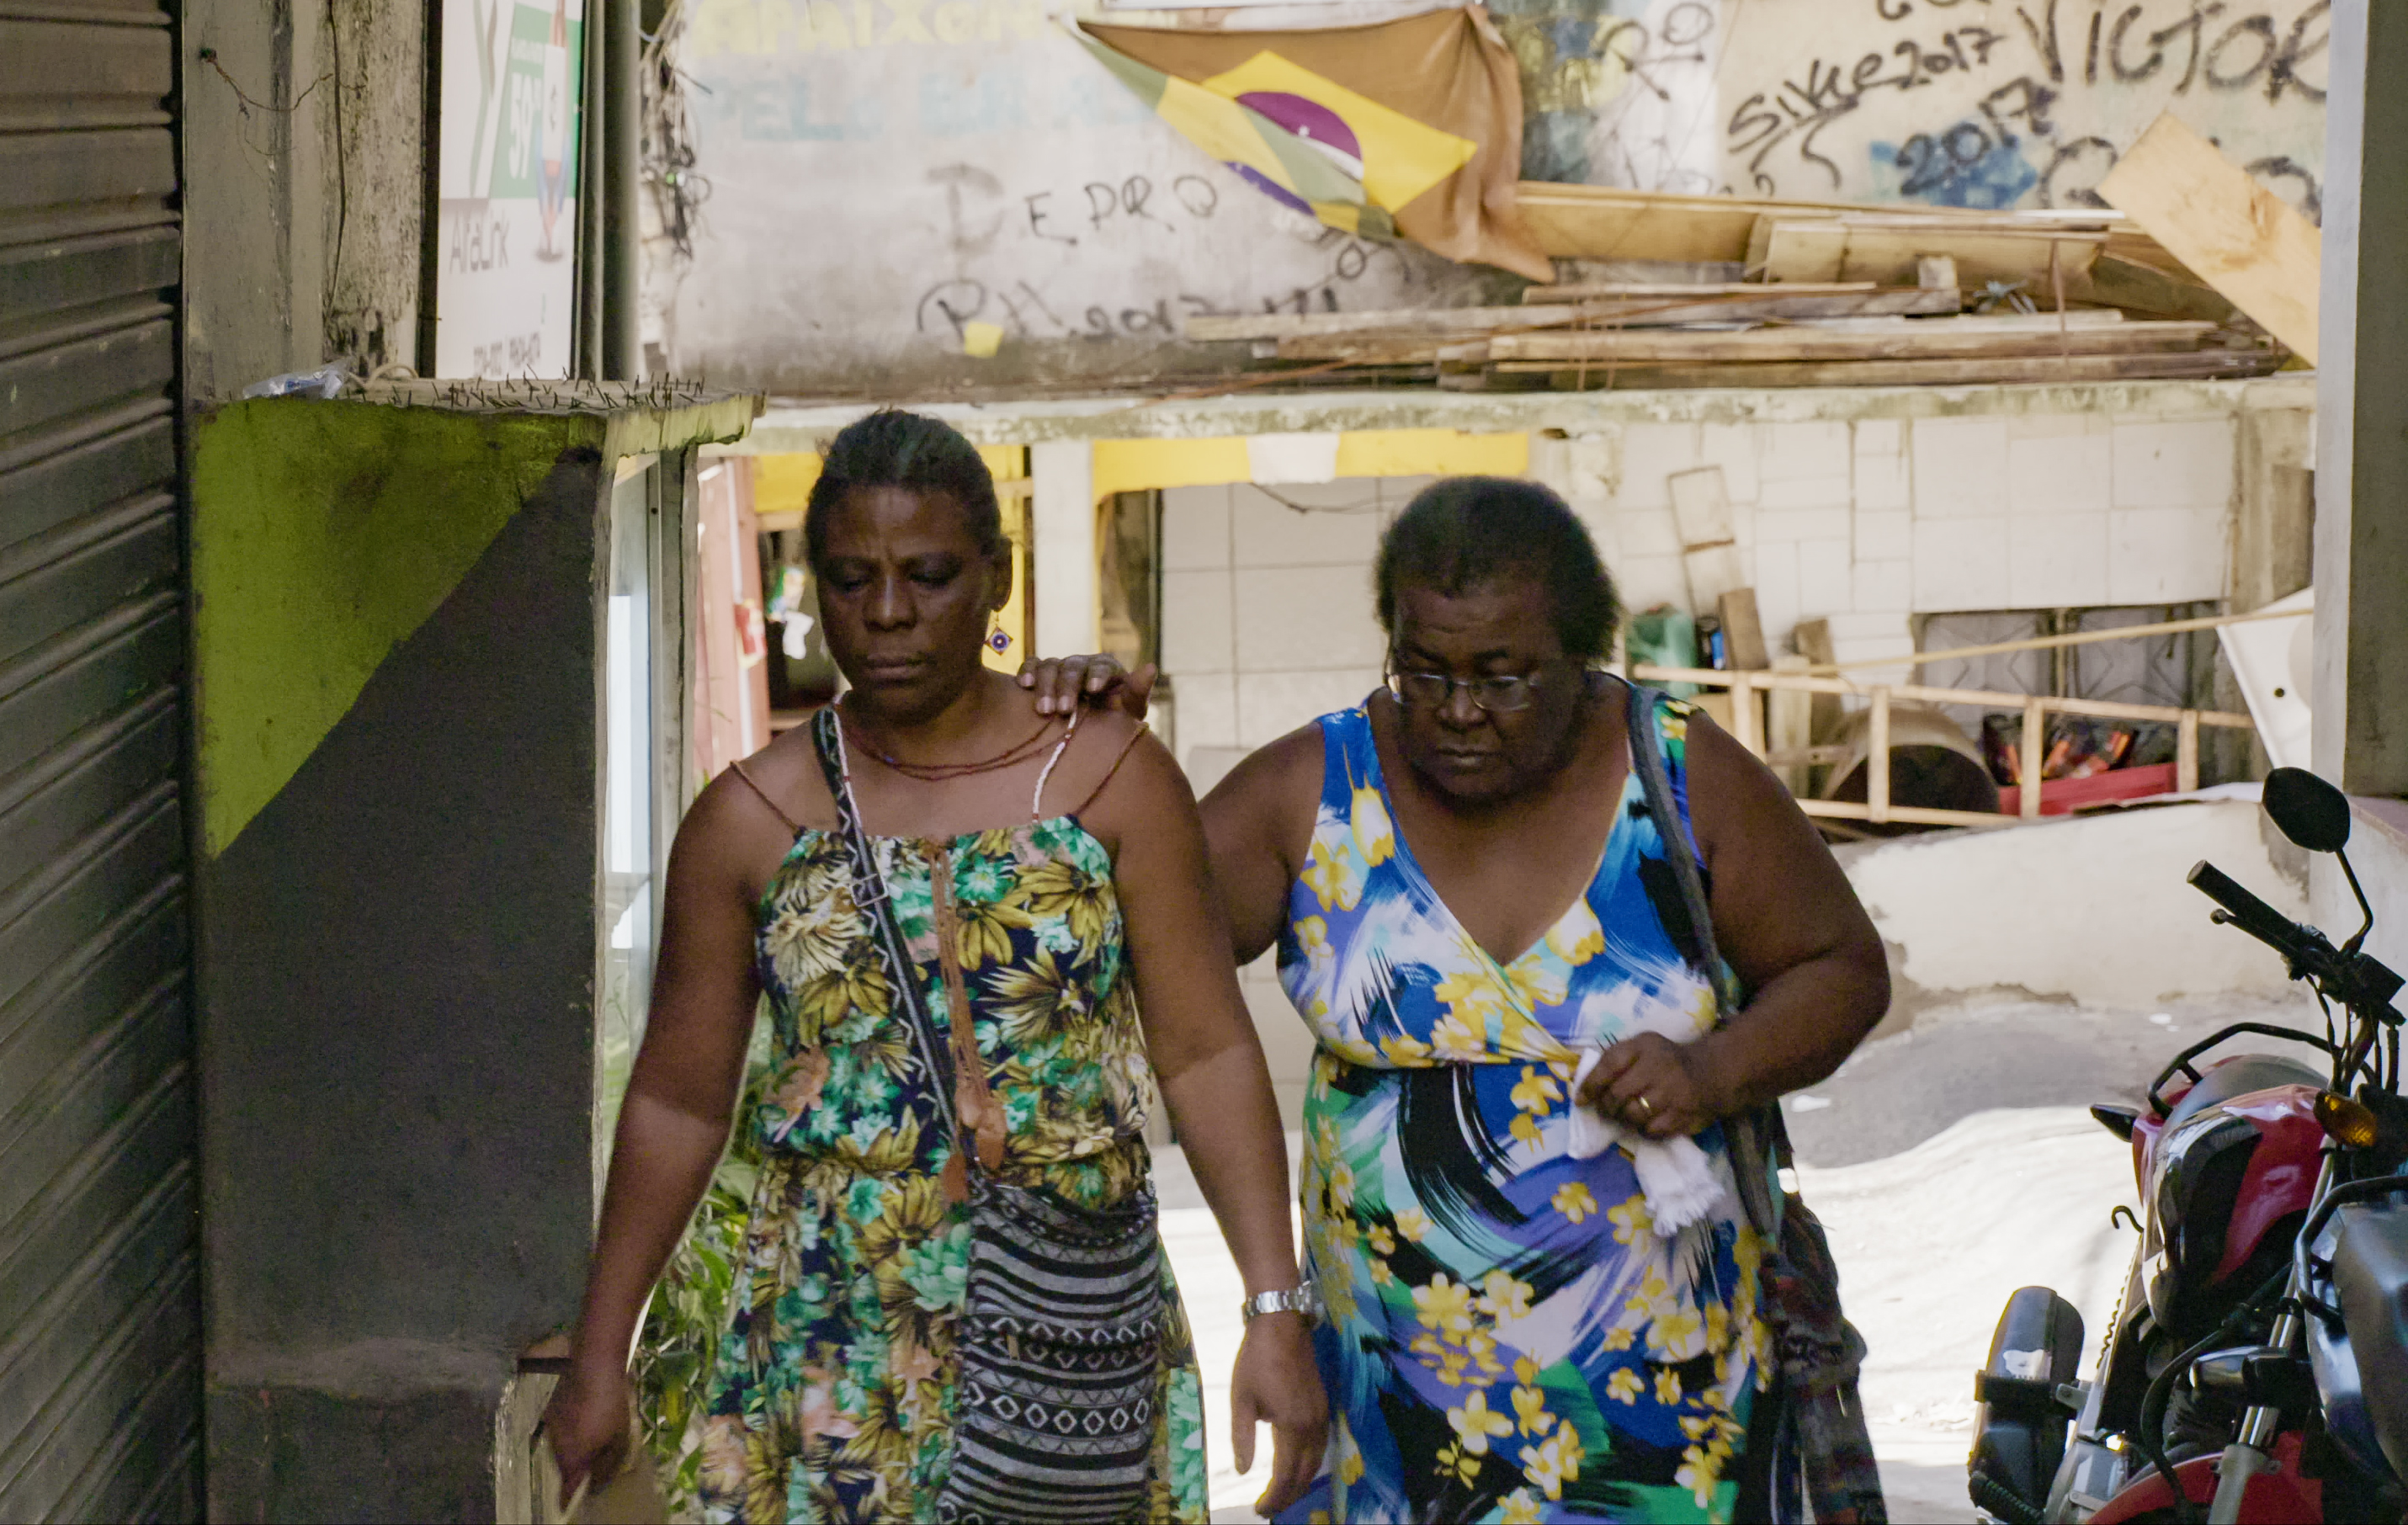 Casal de mulheres caminha pela rua com uma se apoiando na outra